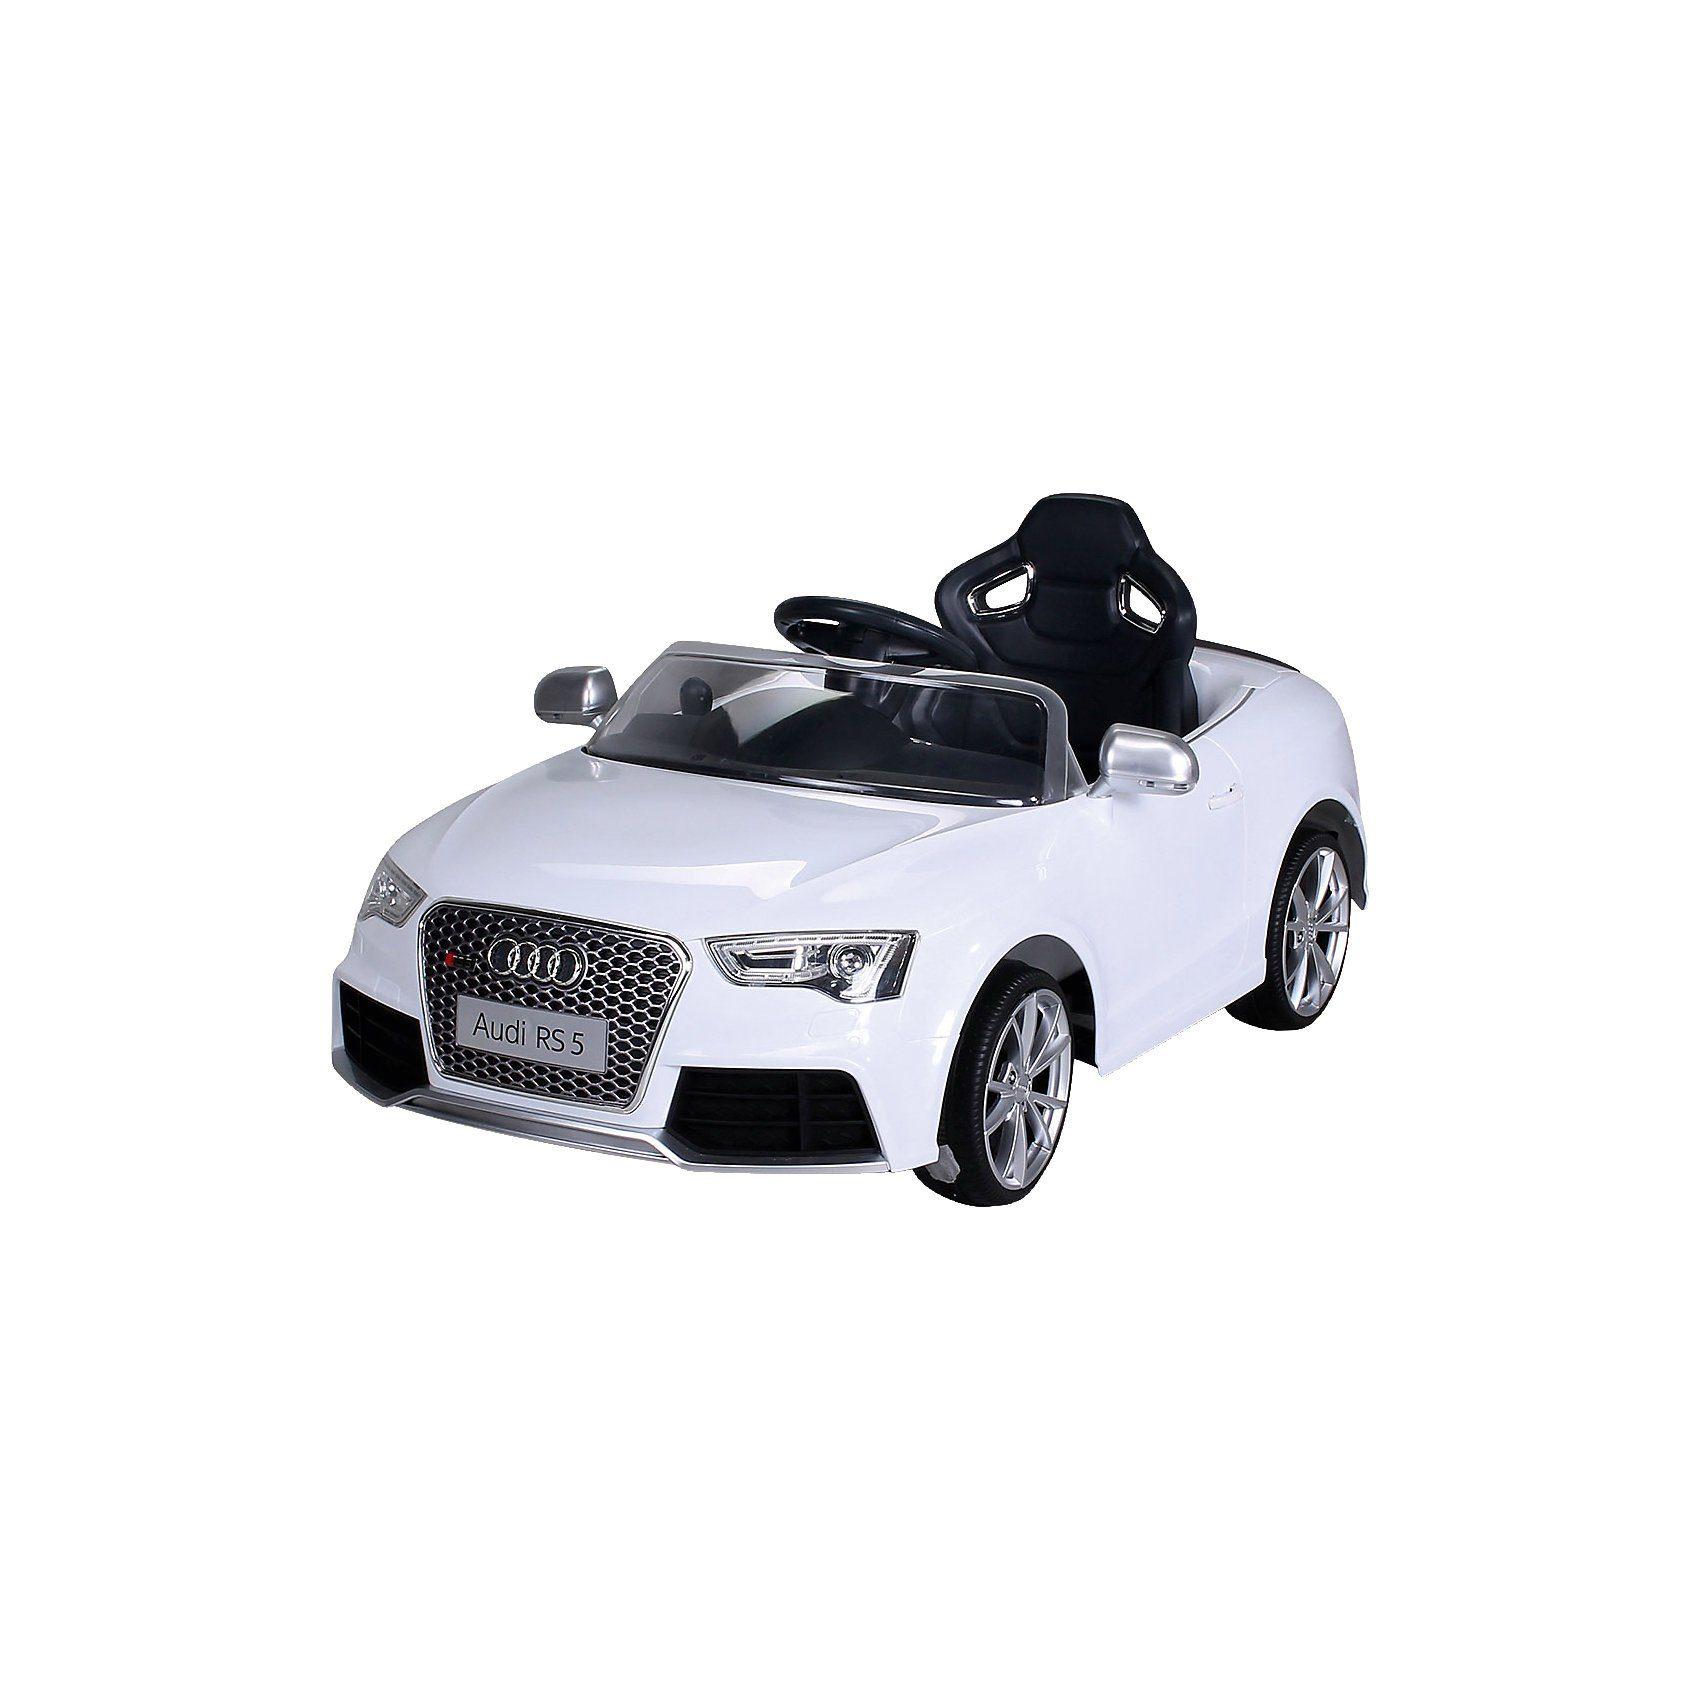 miweba Kinder Elektroauto Audi RS5 Lizenziert, weiß